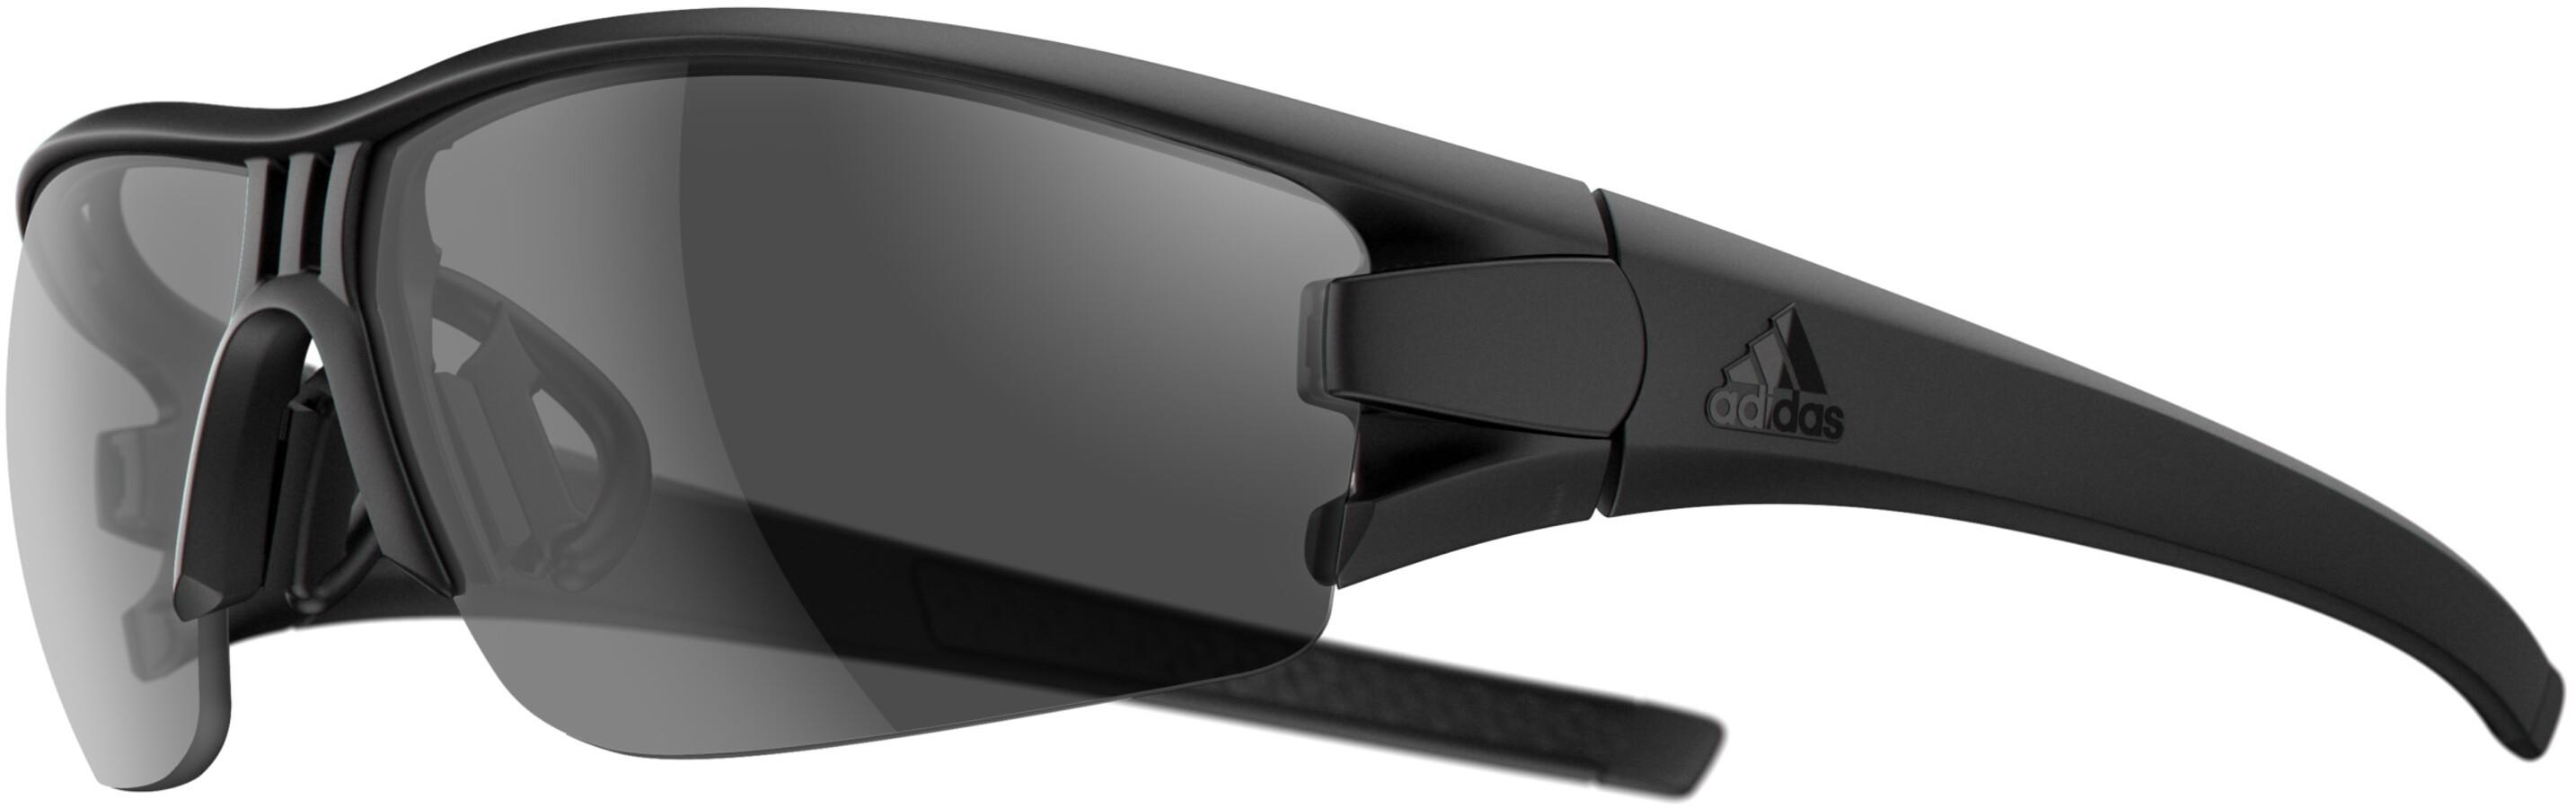 ae85f925ddd adidas Evil Eye Halfrim - Lunettes cyclisme - gris noir - Boutique ...